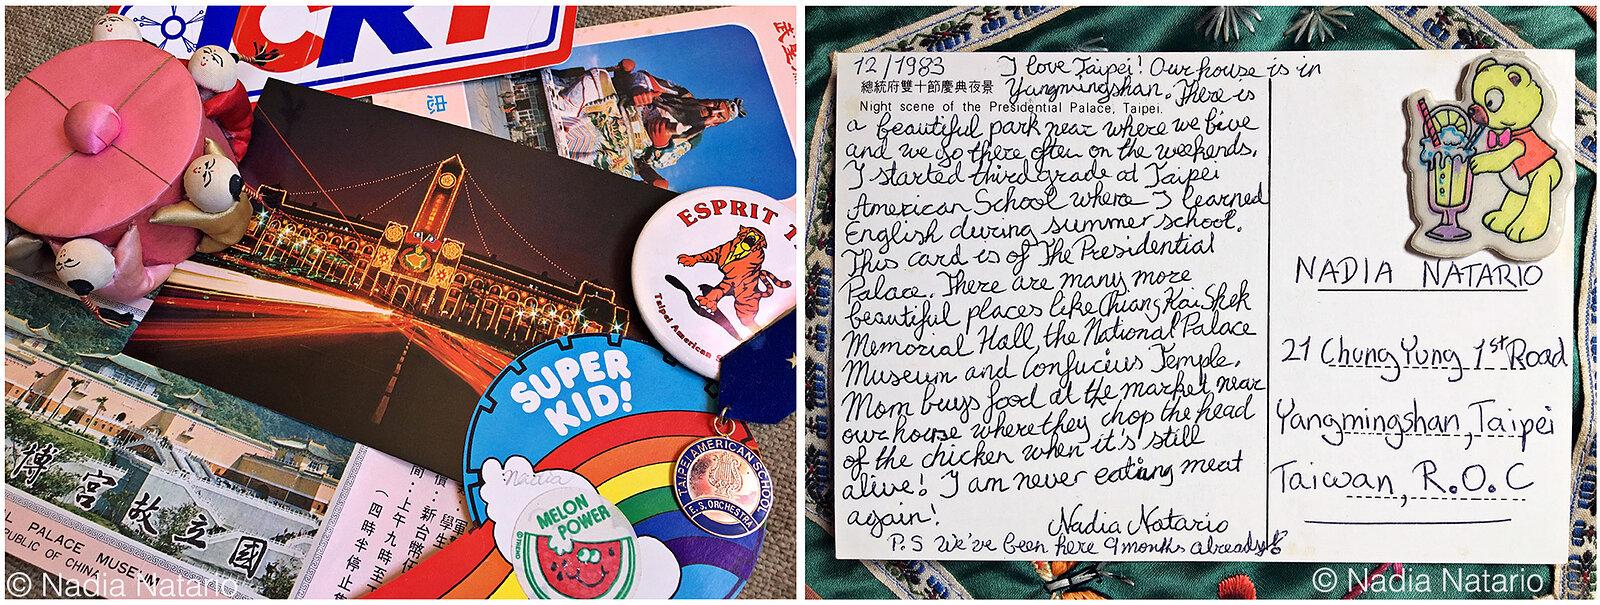 Postcards to Myself - Taipei, Taiwan, 1983